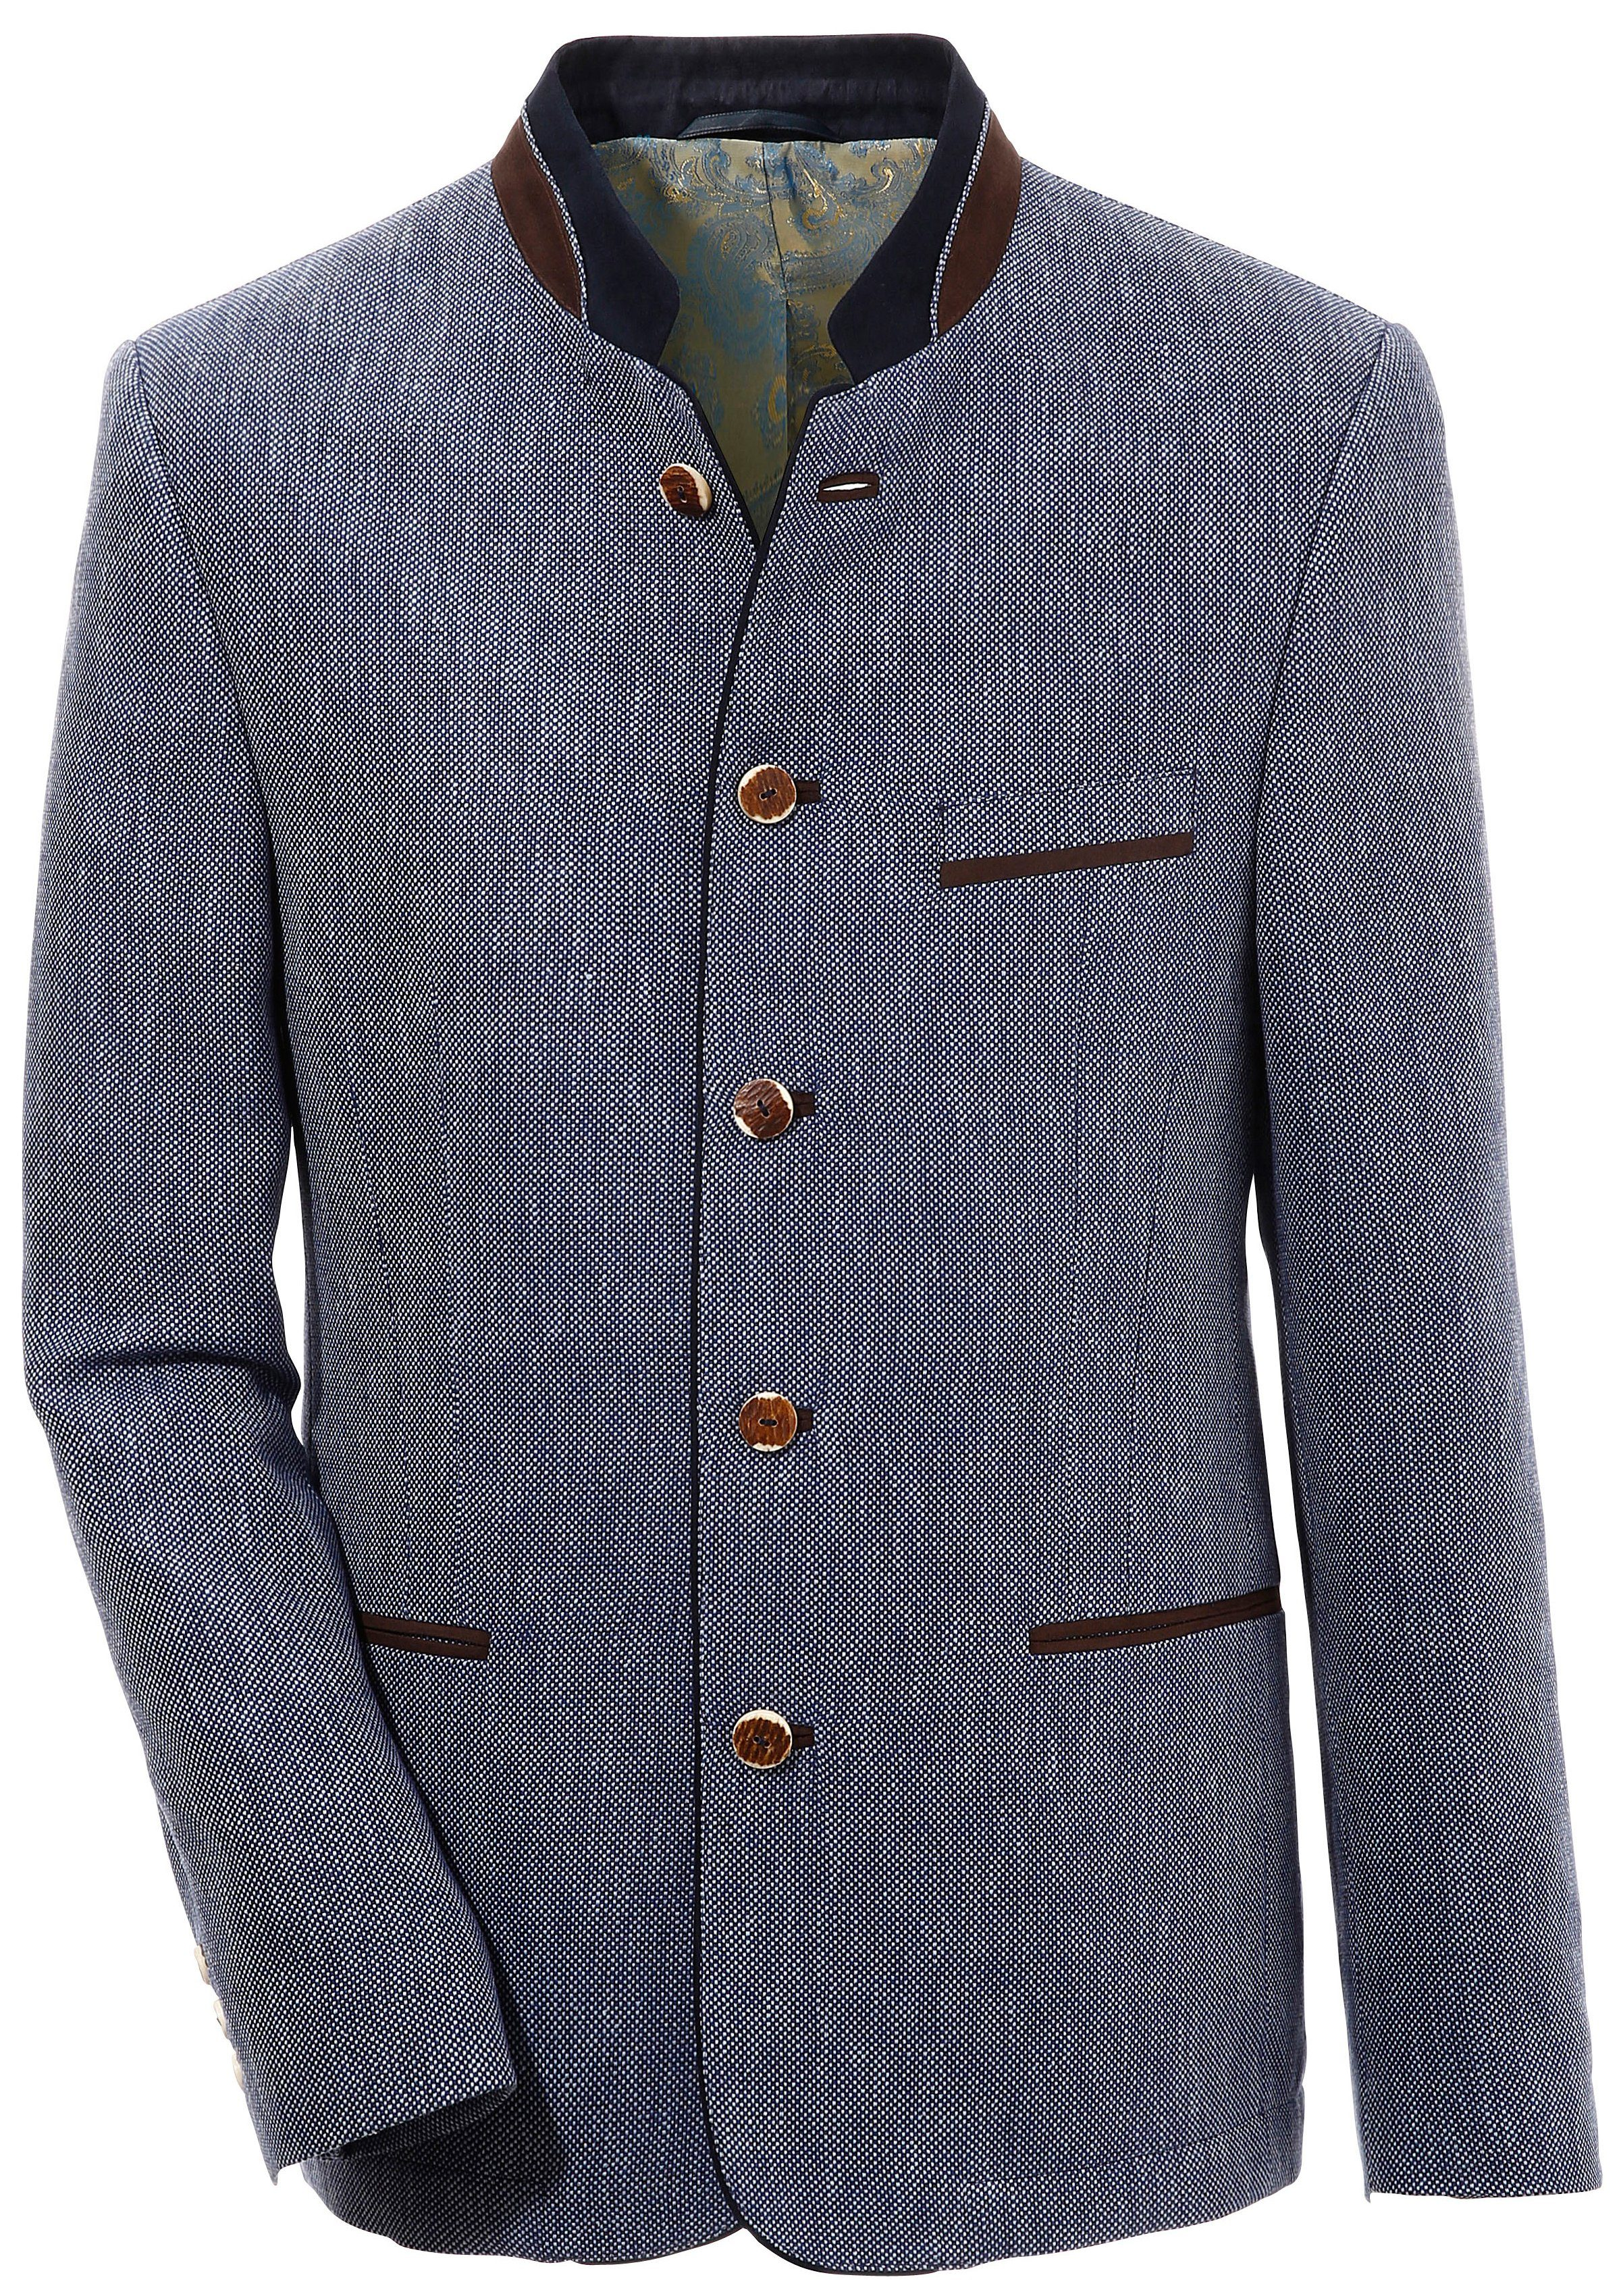 Murk Trachtensakko mit Schulterpolster | Bekleidung > Sakkos > Trachtensakkos | Blau | Murk